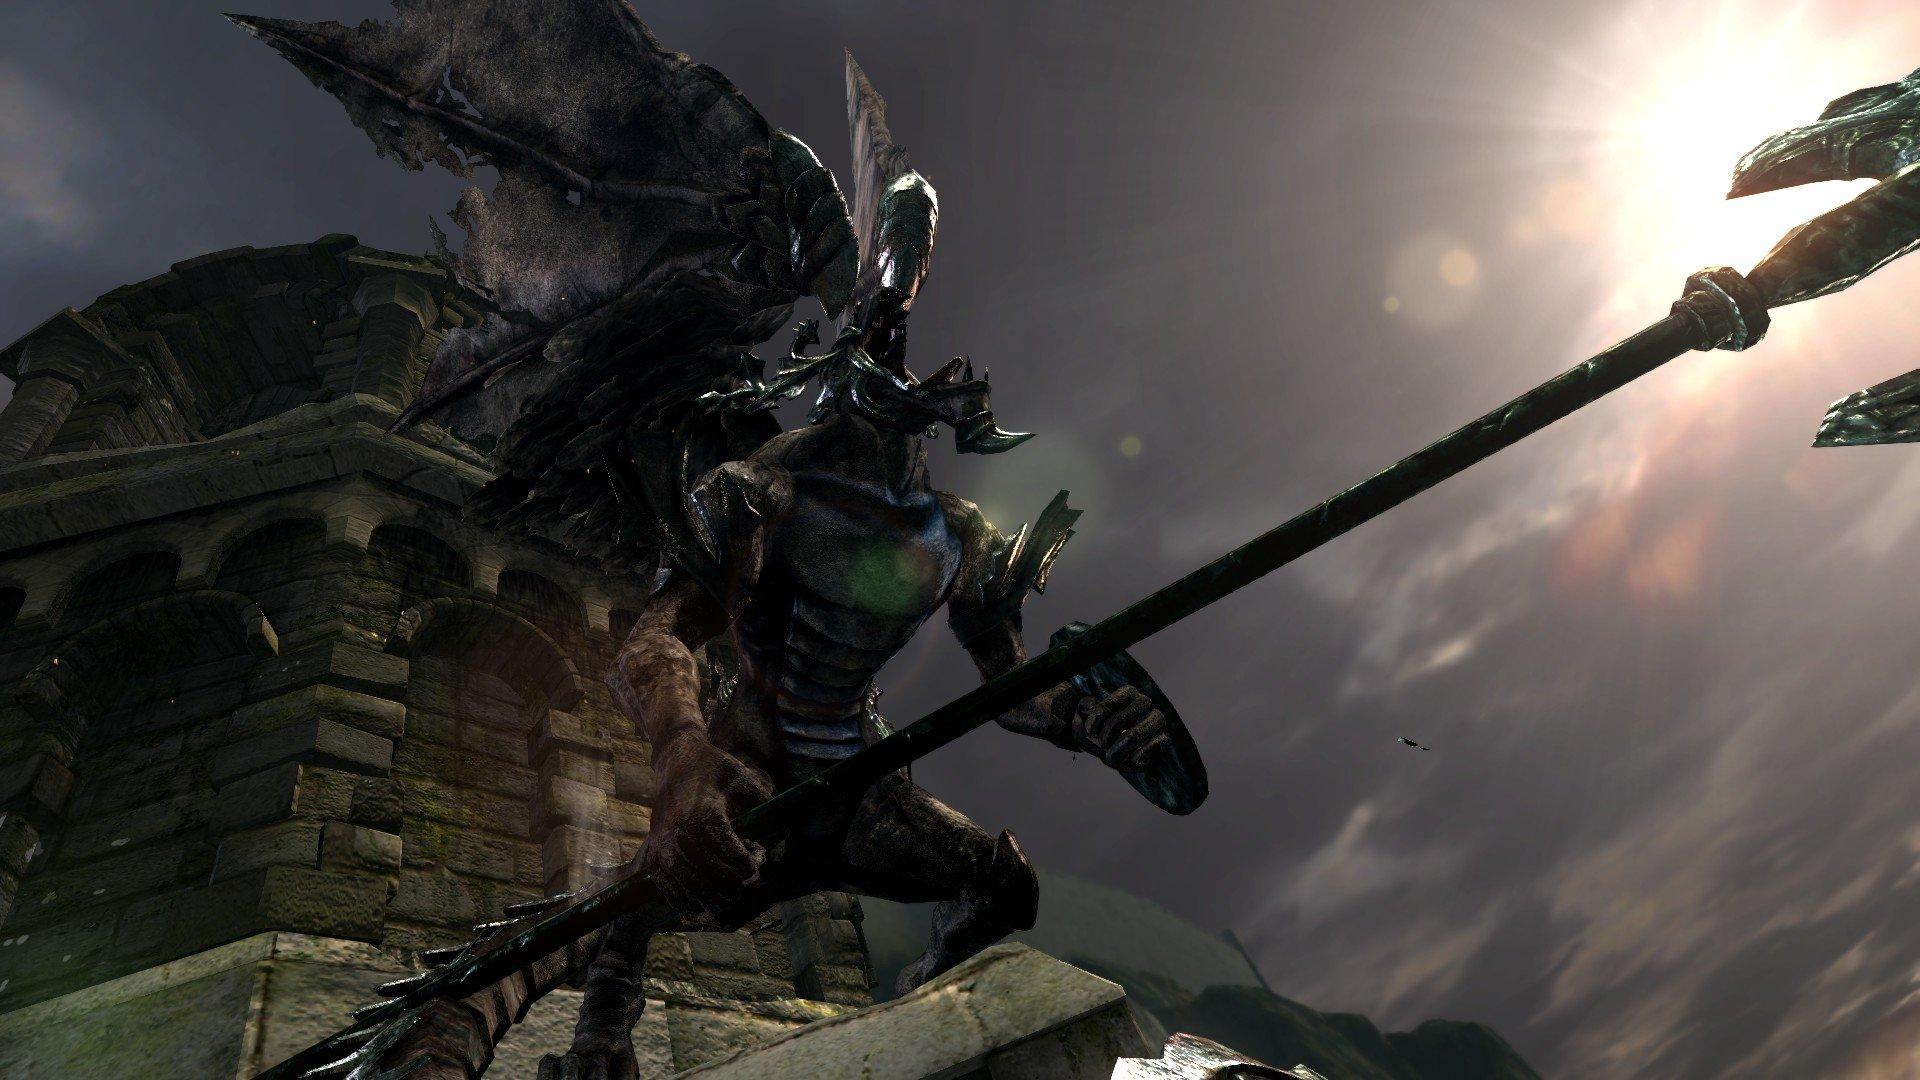 Вопль-прохождение Dark Souls часть 2 ... все в одном посте ... все еще думаю над названием!. - Изображение 3